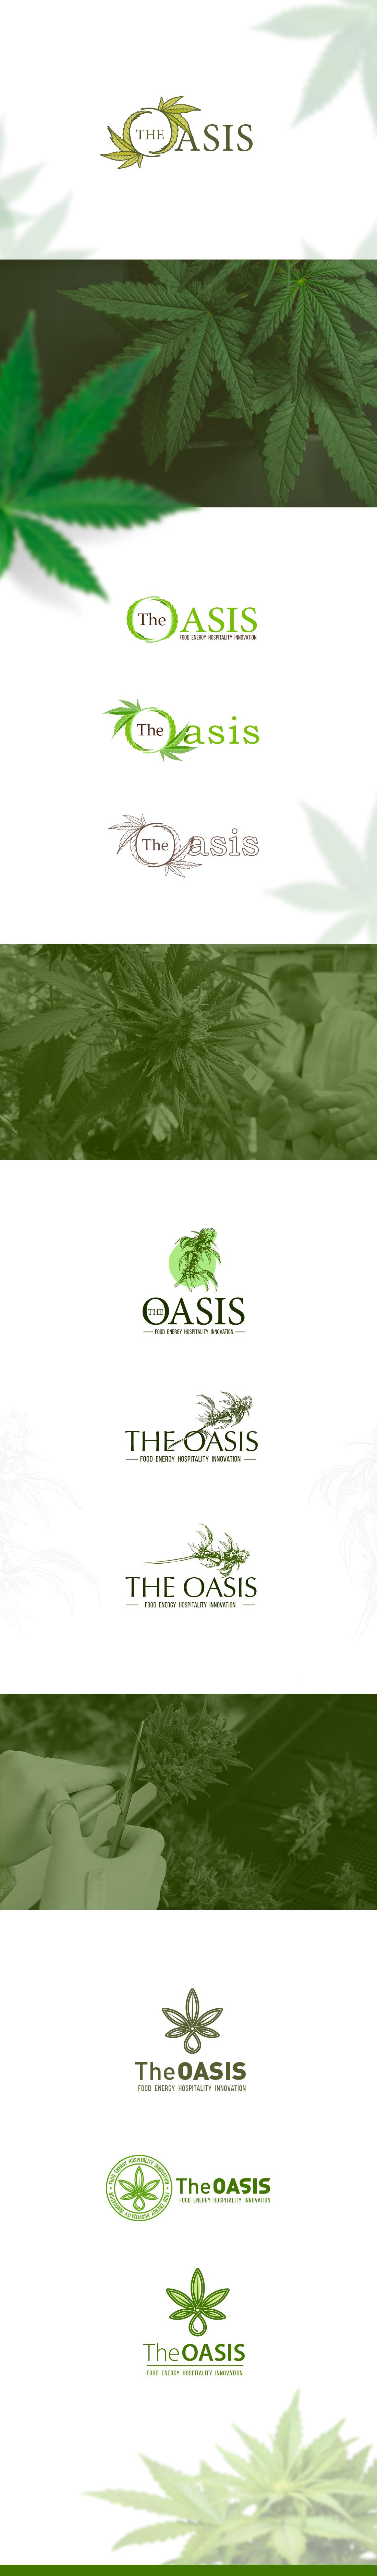 The Oasis – промышленное производство конопли в Америке